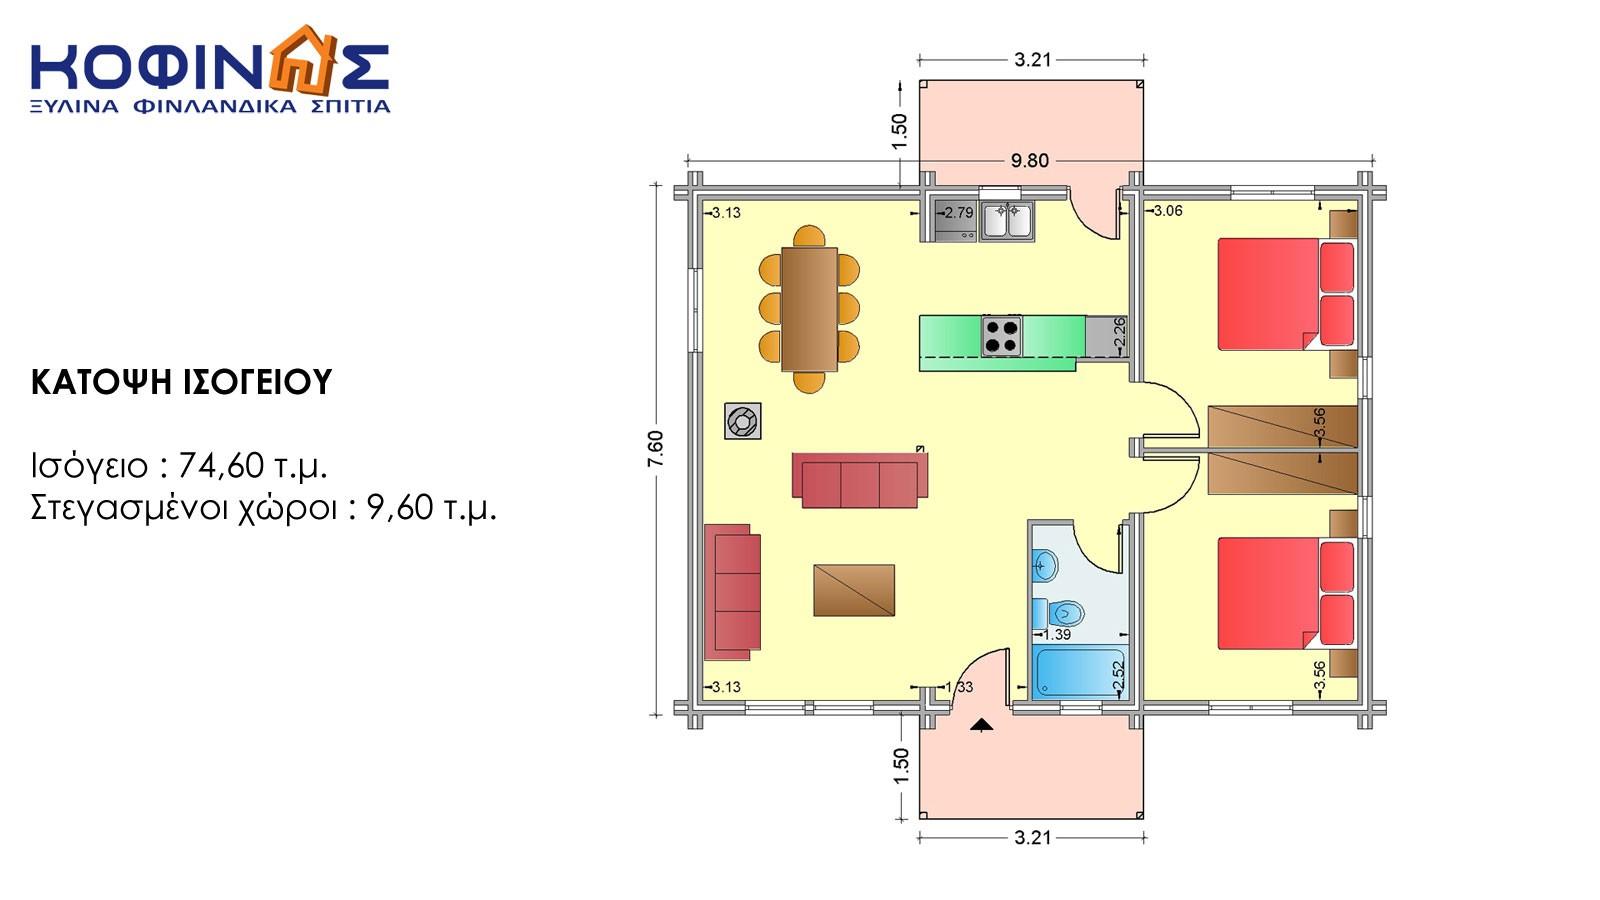 Ισόγεια Ξύλινη Κατοικία XI-74, συνολικής επιφάνειας 74,60 τ.μ.